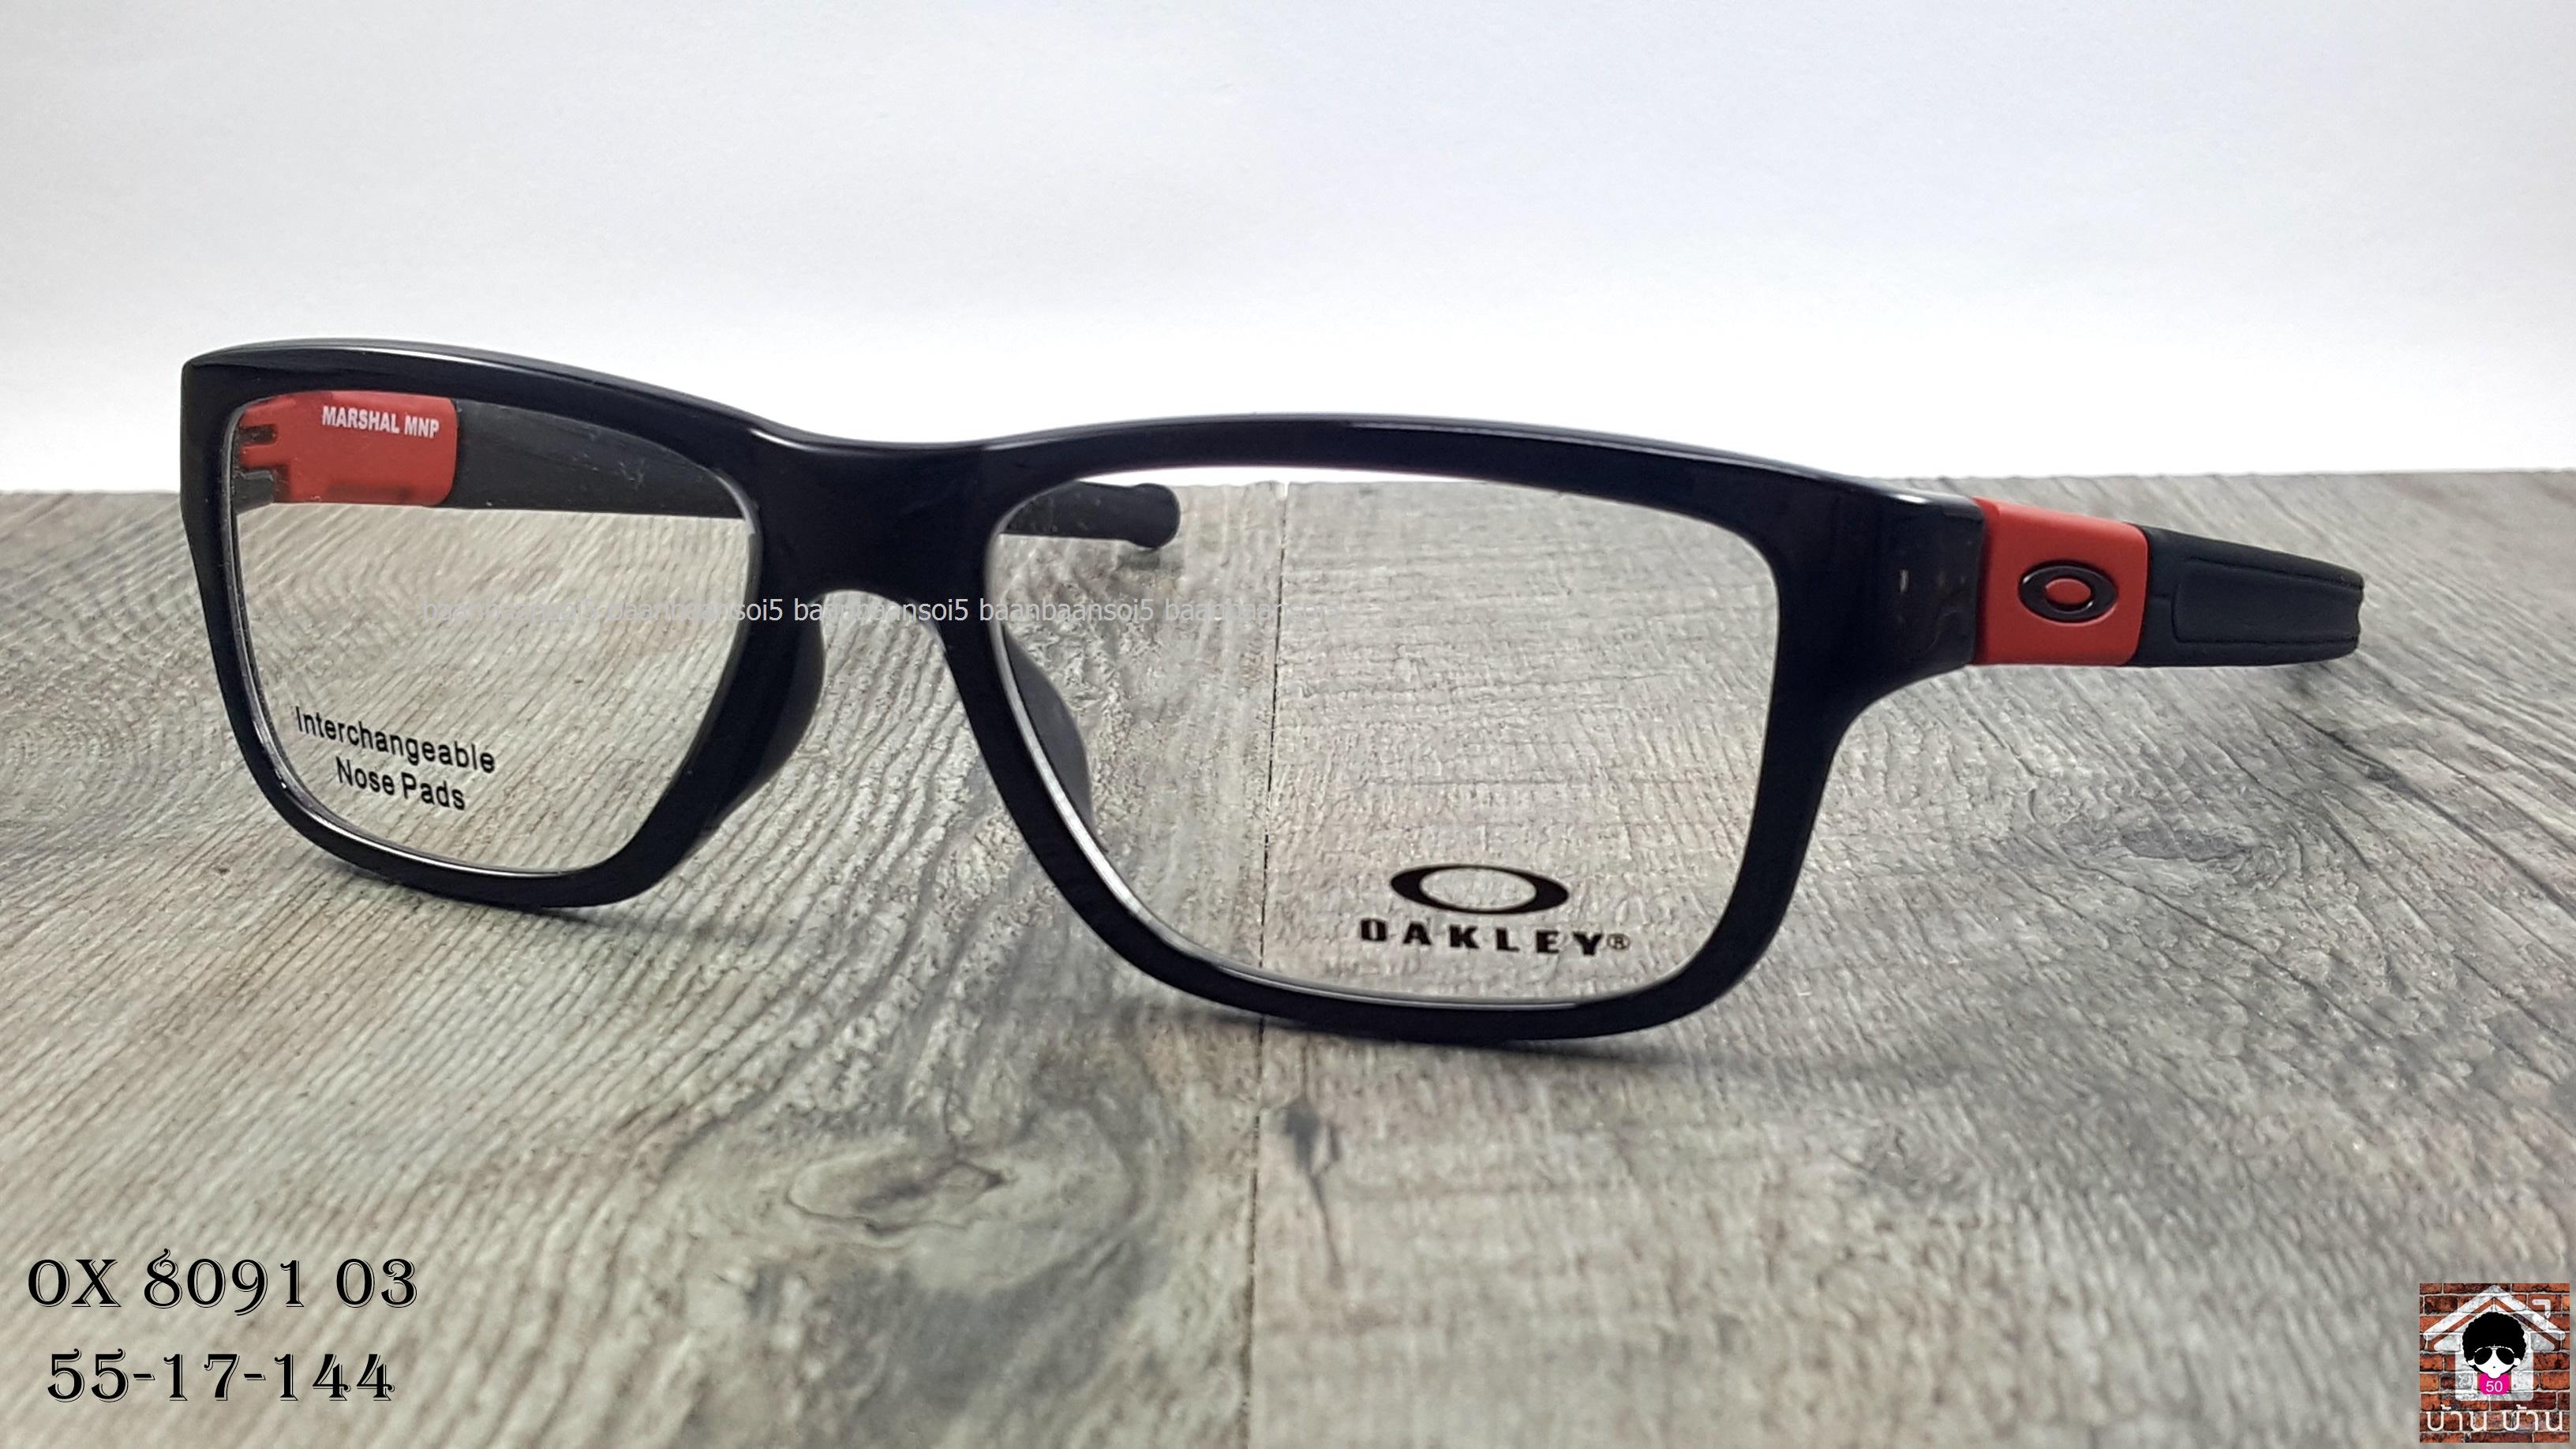 OAKLEY OX8091-03 MARSHAL MNP โปรโมชั่น กรอบแว่นตาพร้อมเลนส์ HOYA ราคา 4,800 บาท